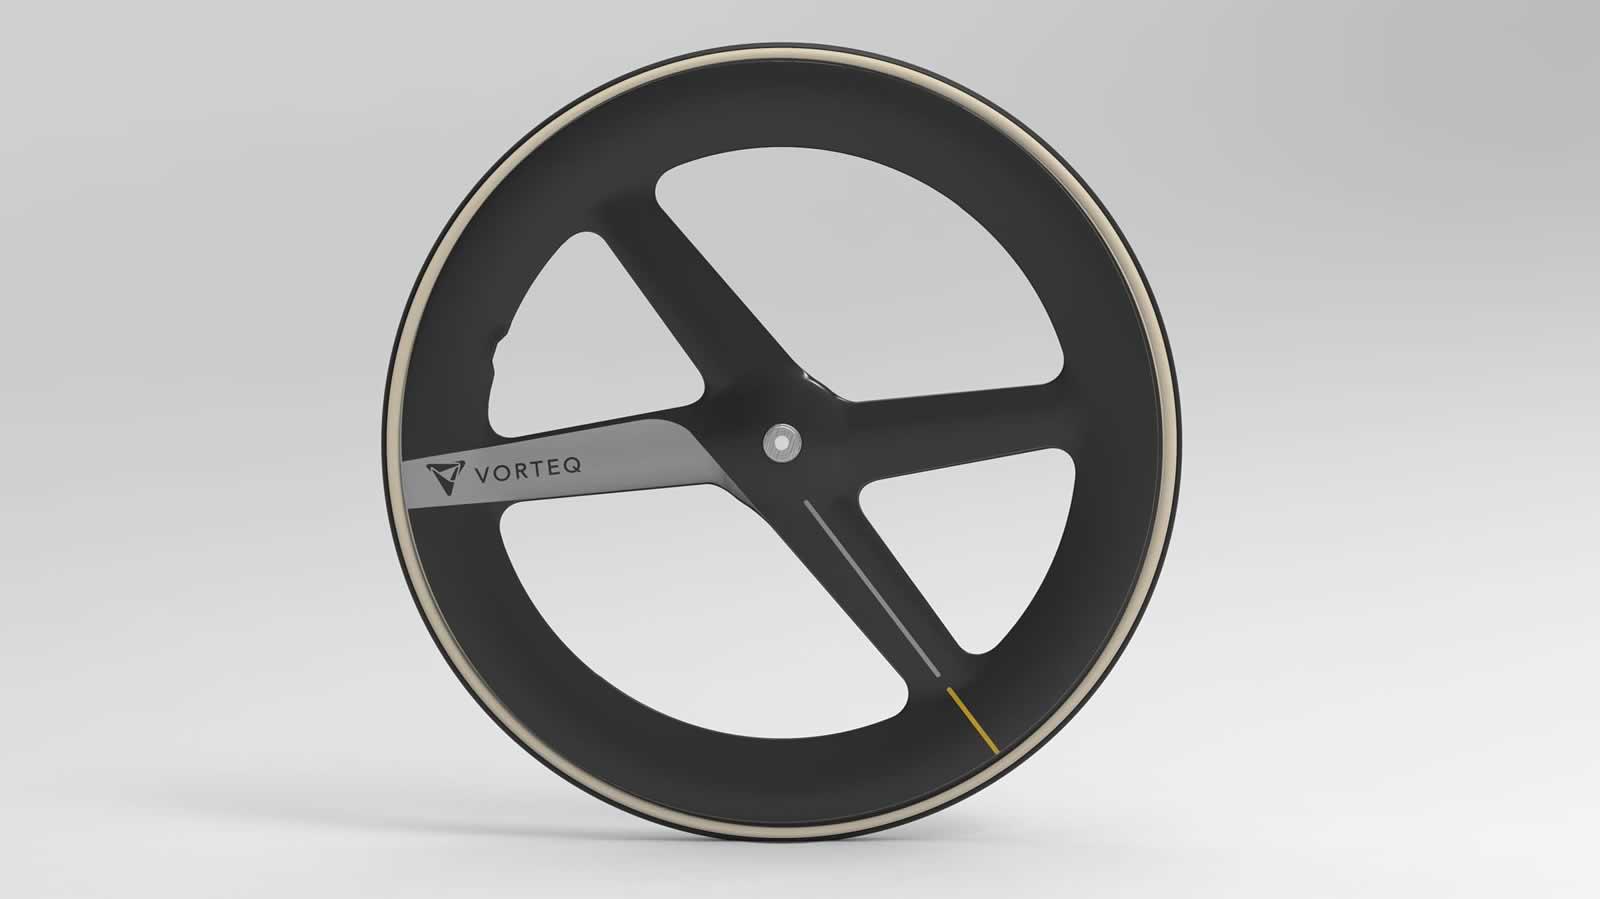 Vorteq Tokyo 4 Spoke Front Wheel